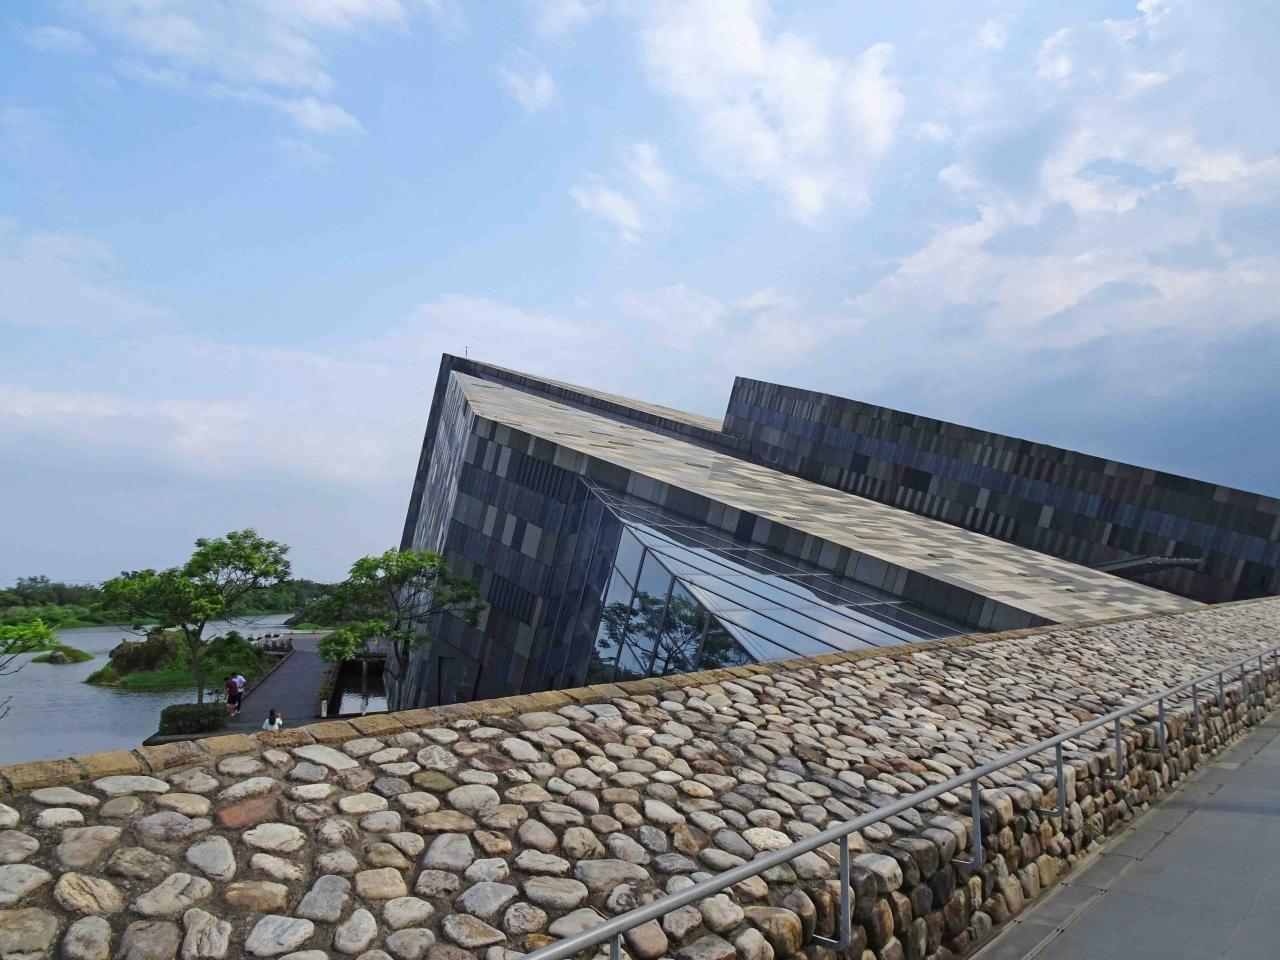 宜蘭博物館ランキング9選!人気観光やおすすめの見どころも!